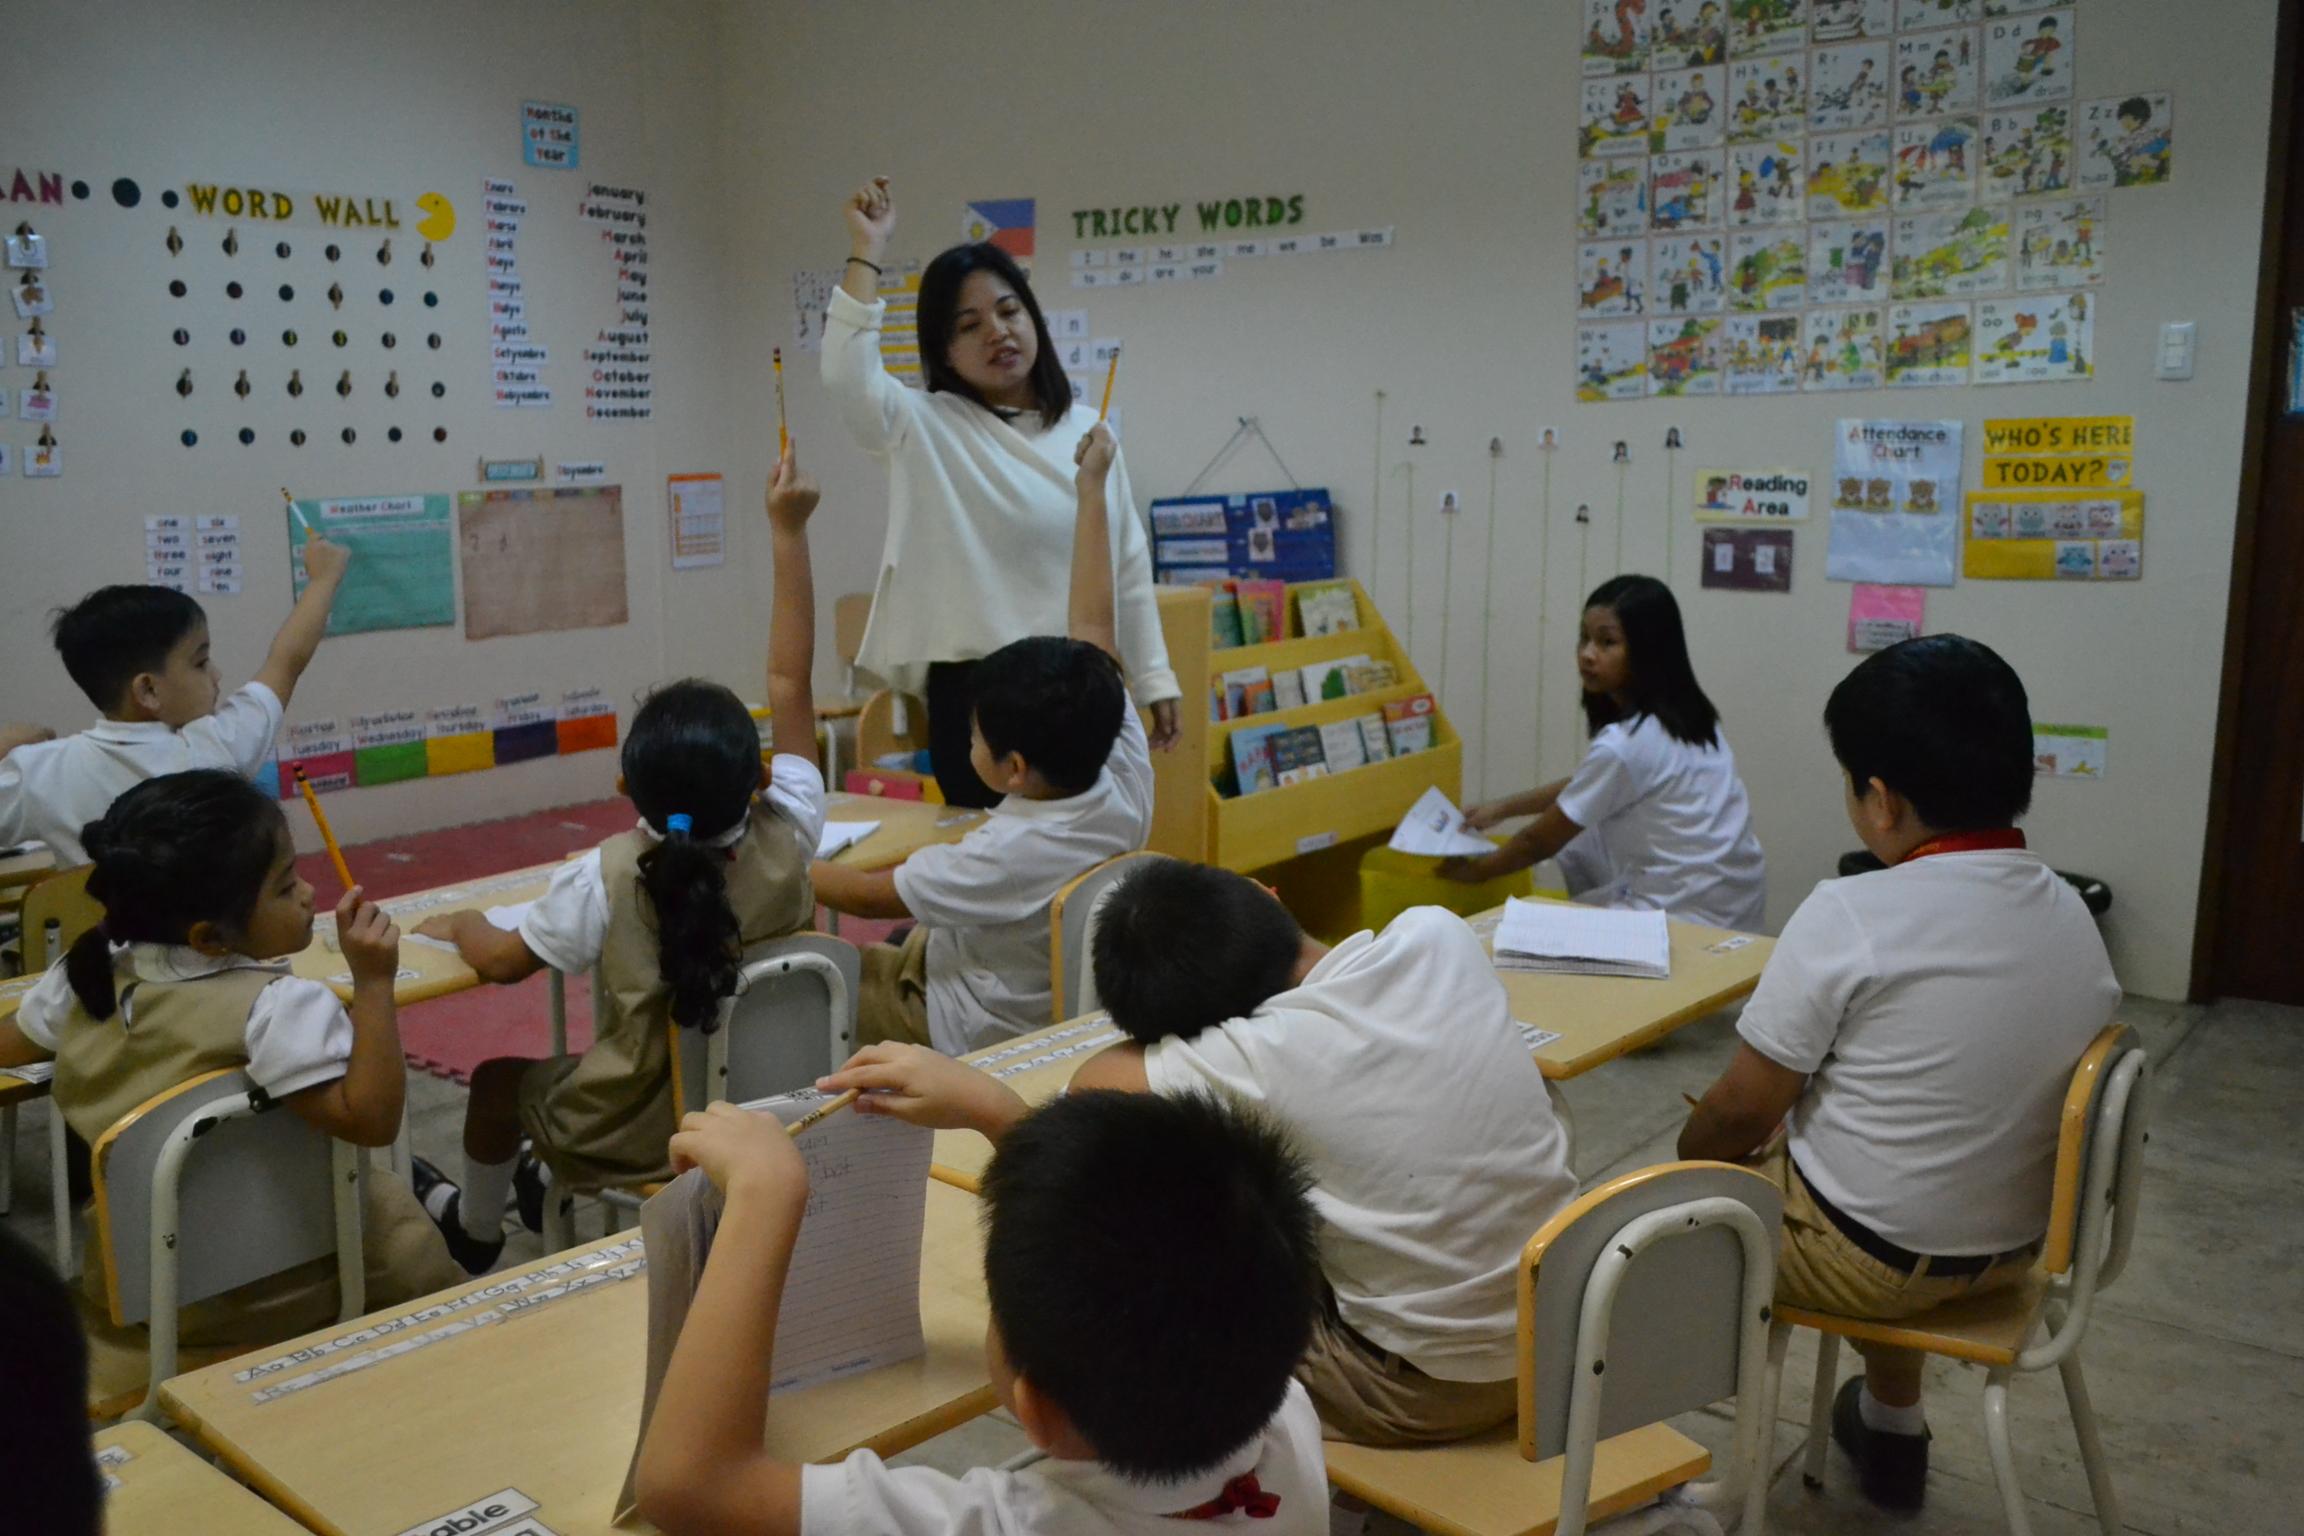 Kinder Classrooms Photo 2